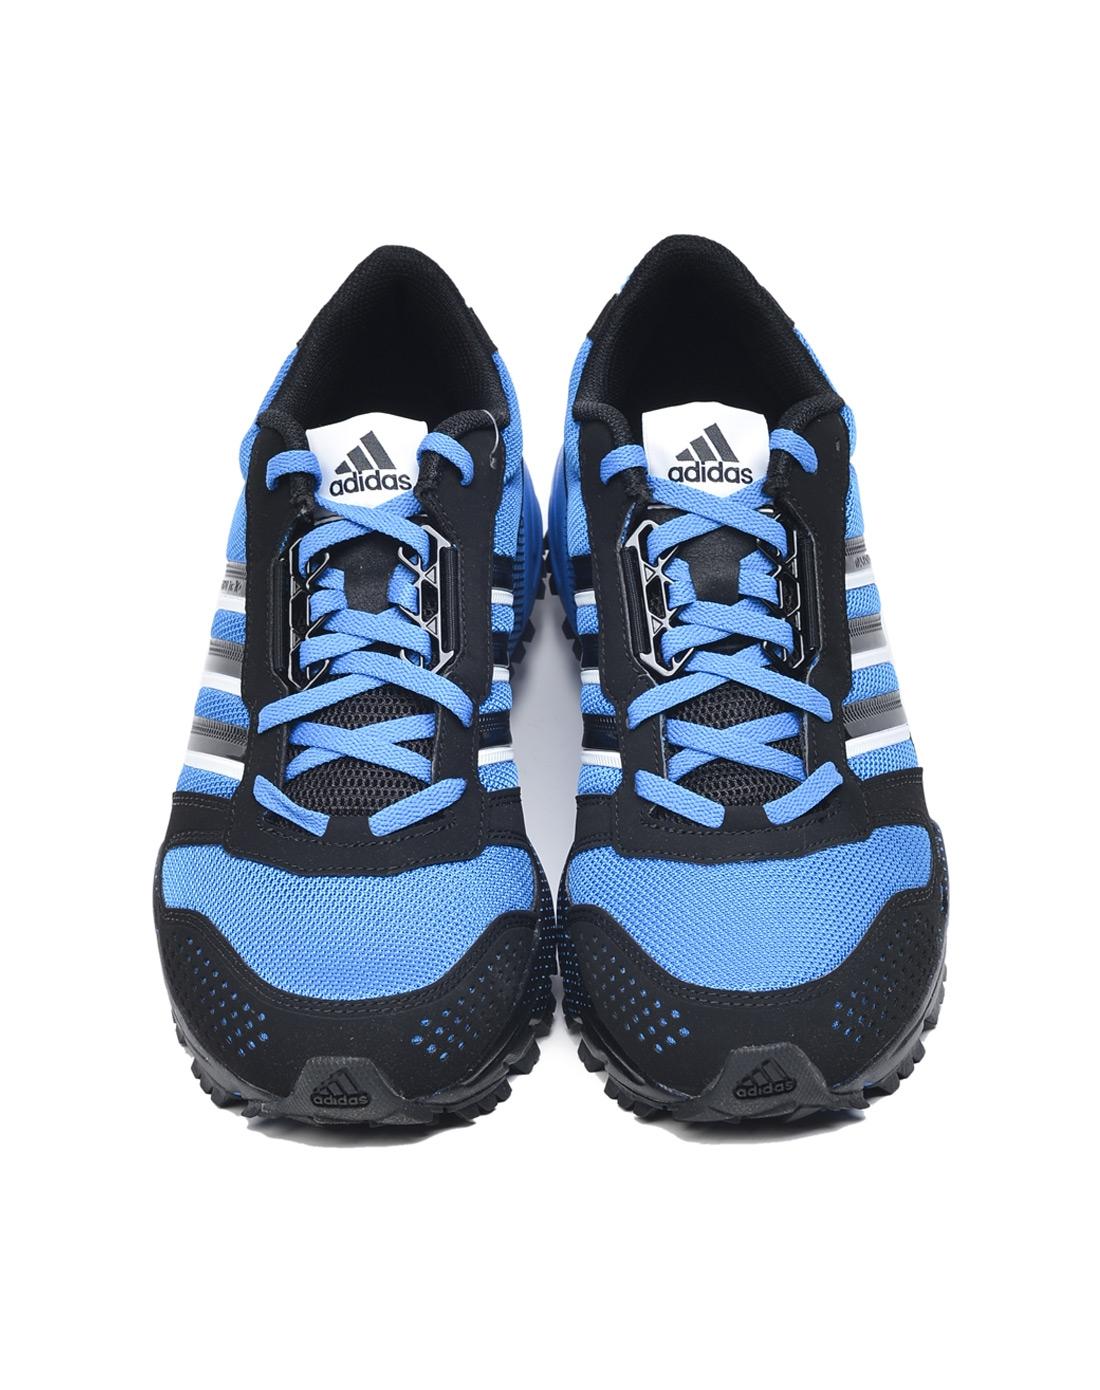 阿迪达斯adidas男鞋专场-男子蓝色跑步鞋